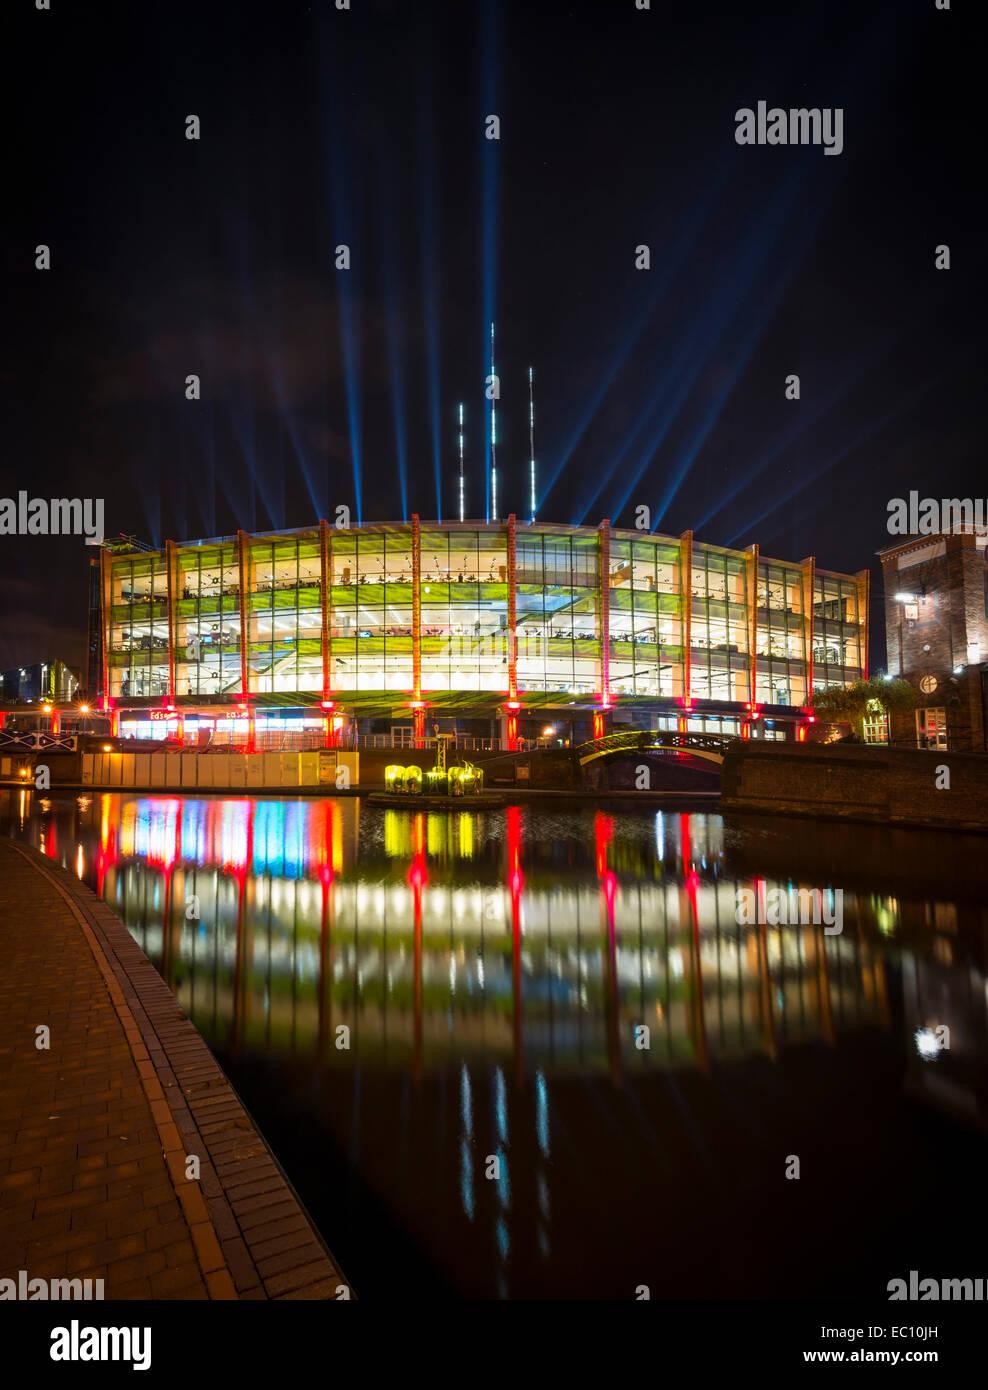 La National Indoor Arena: la NIA, Birmingham. Barclaycard Arena è uno dei più trafficati, grande piscina Immagini Stock